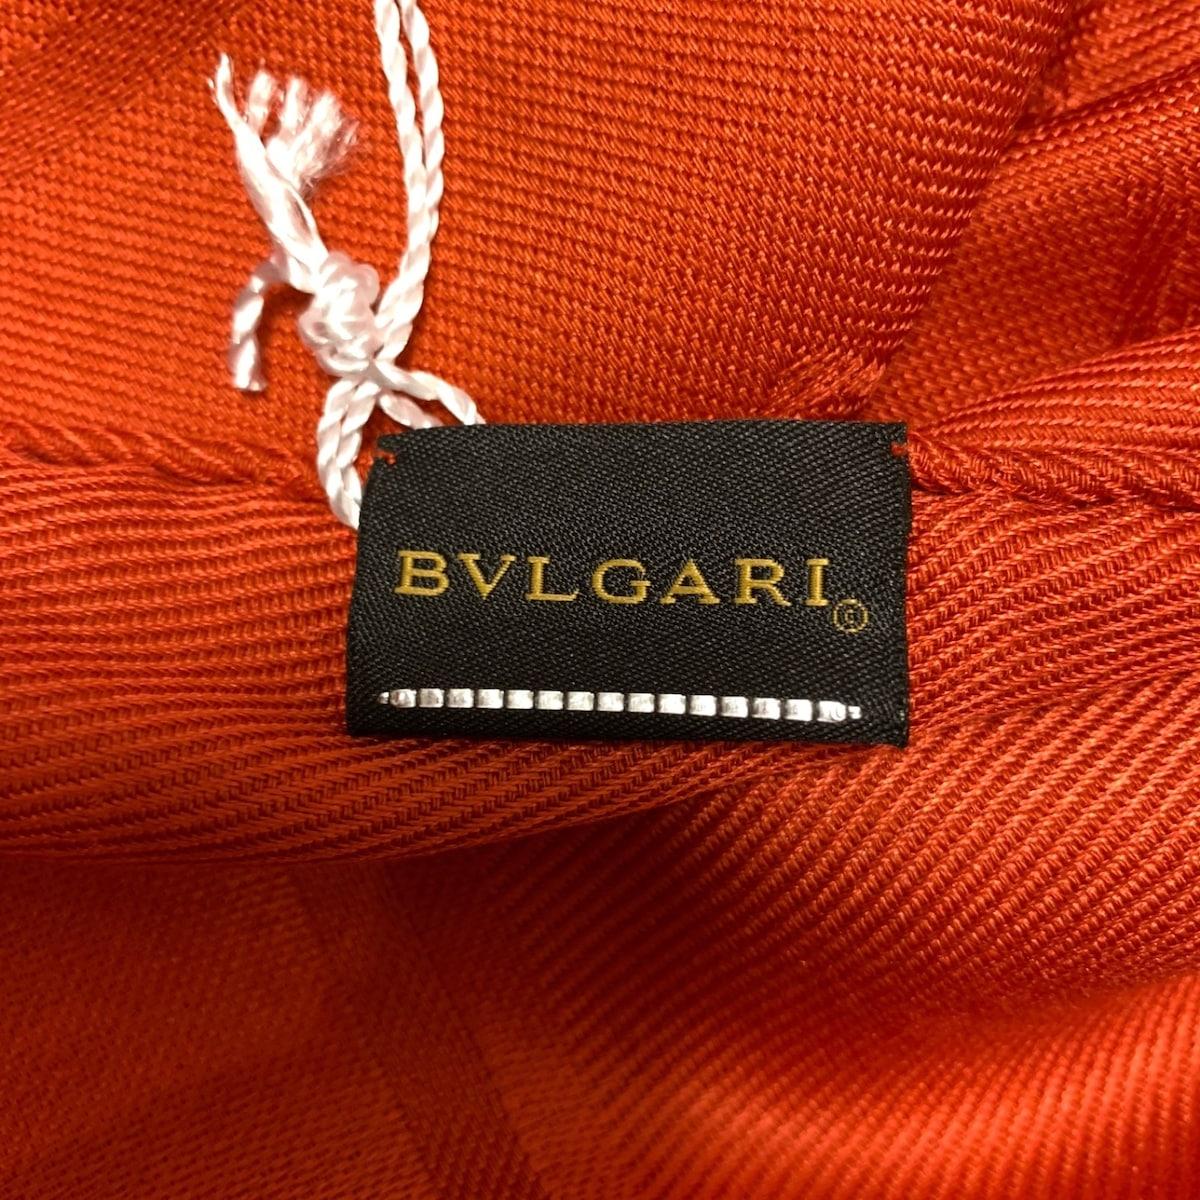 BVLGARI(ブルガリ)のマフラー